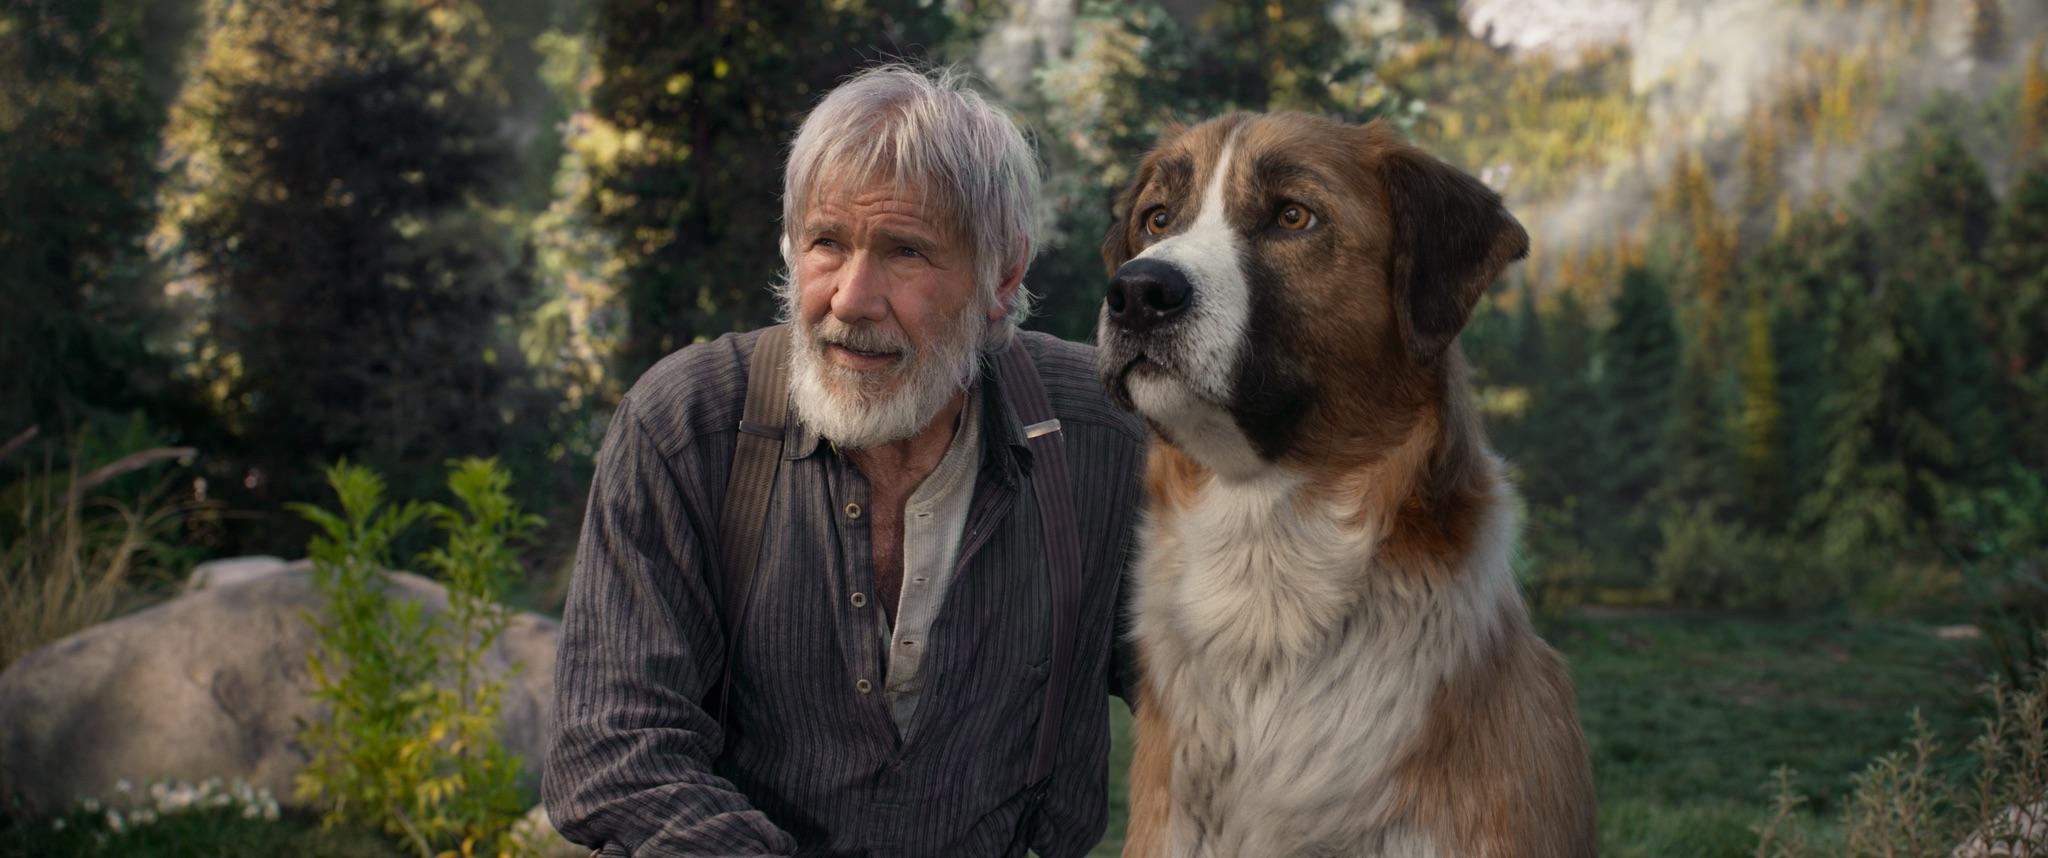 """Harrison Ford en el papel de Thornton y Buck en una escena de """"The Call of the Wild"""". / Foto: 20th Century Studios"""